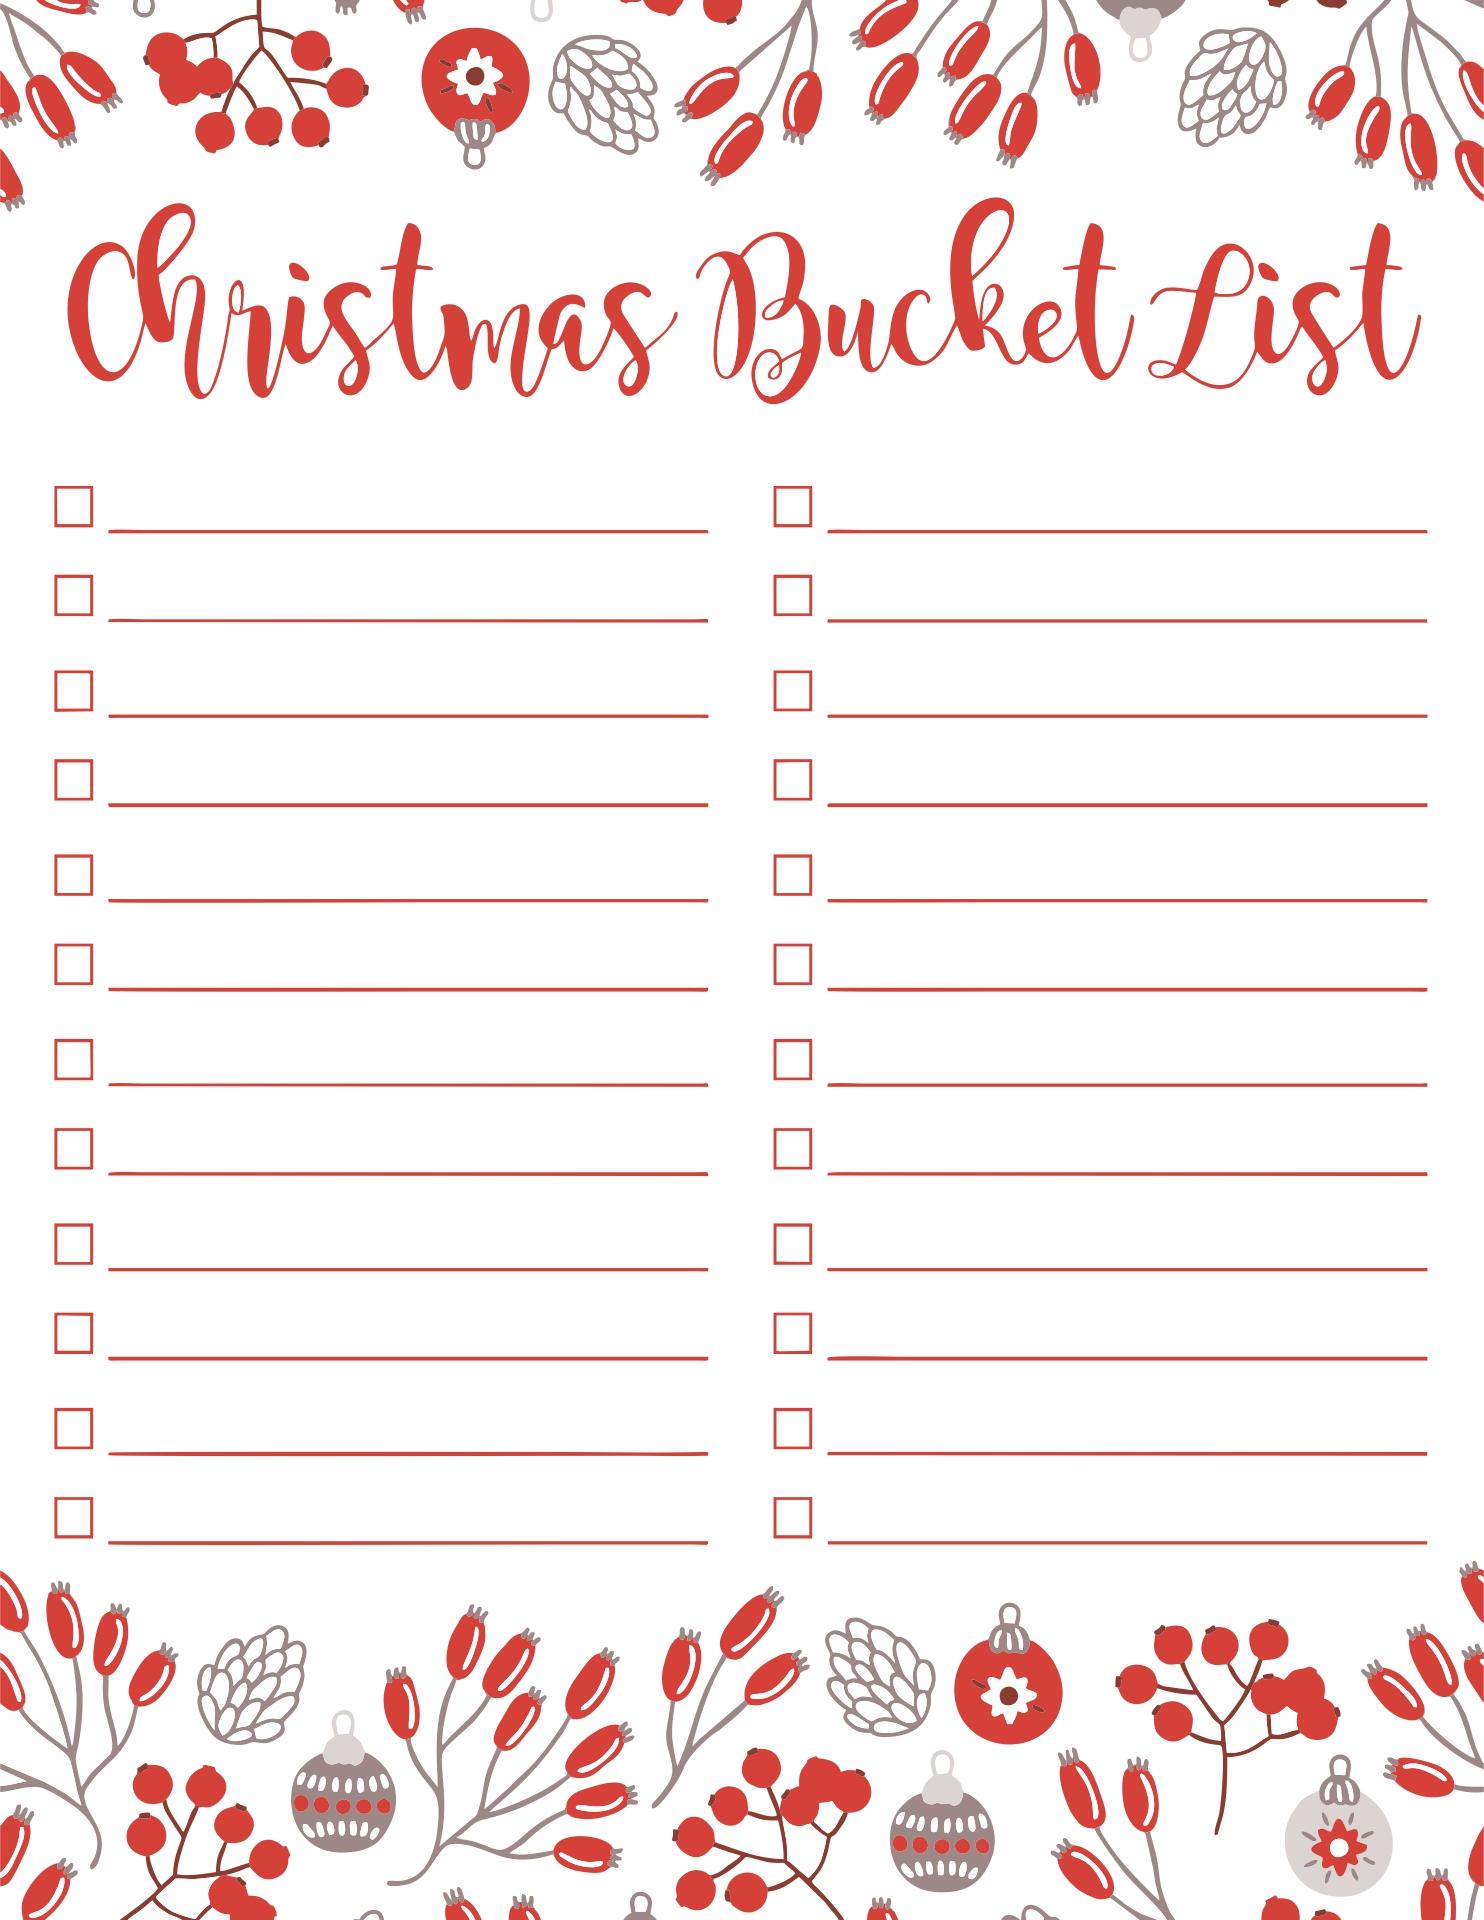 Bucket List Templates Printable Free